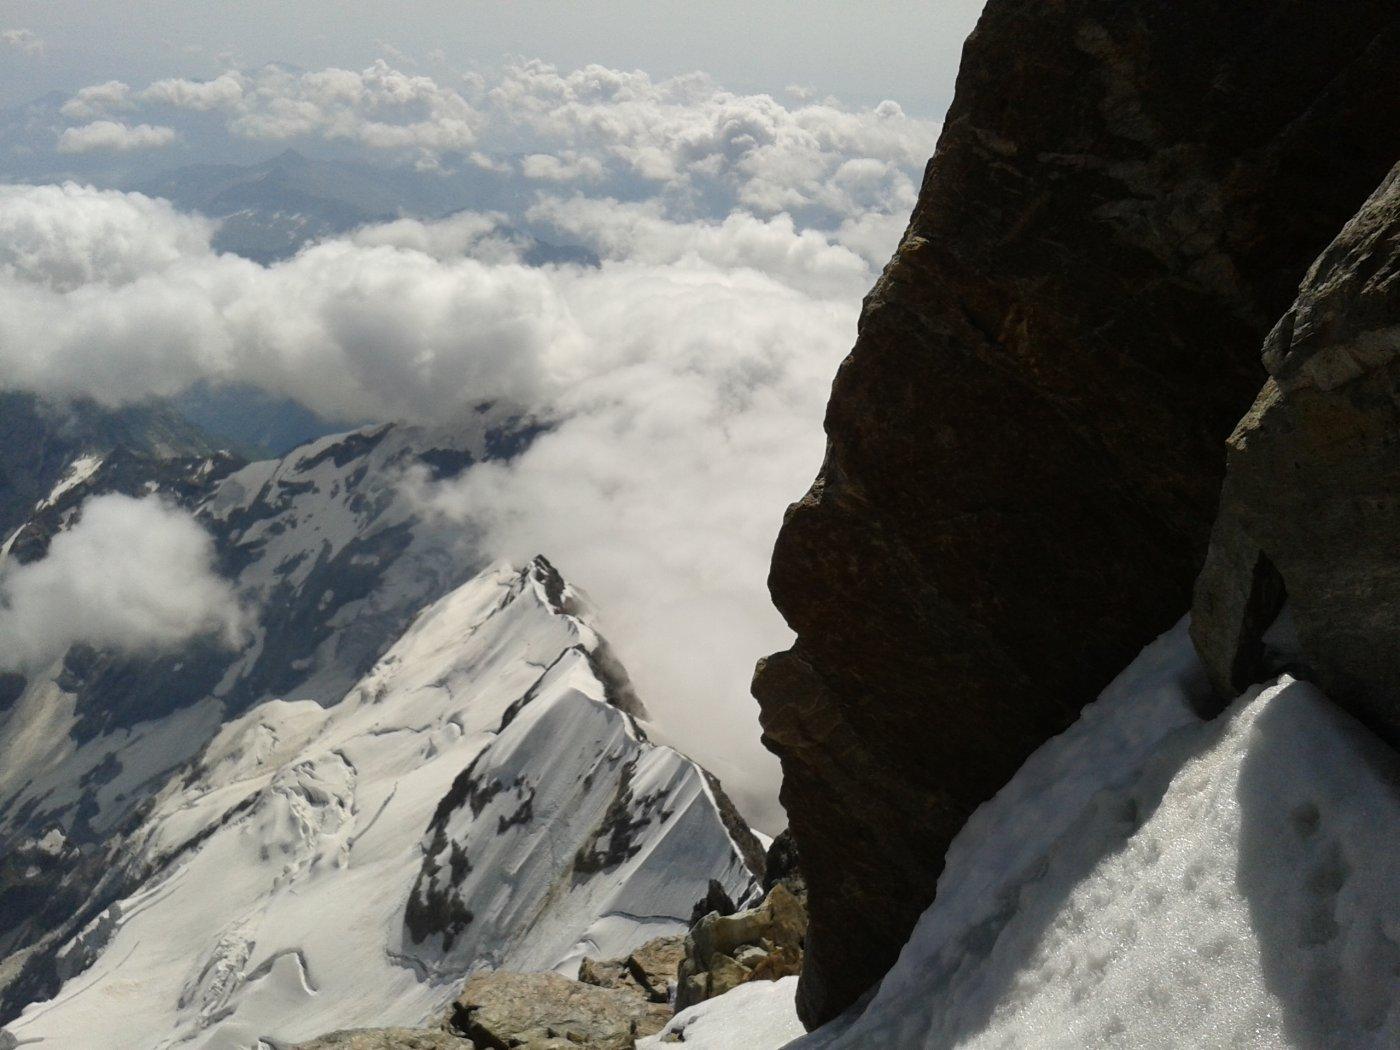 foto scattata da circa 4200 mt